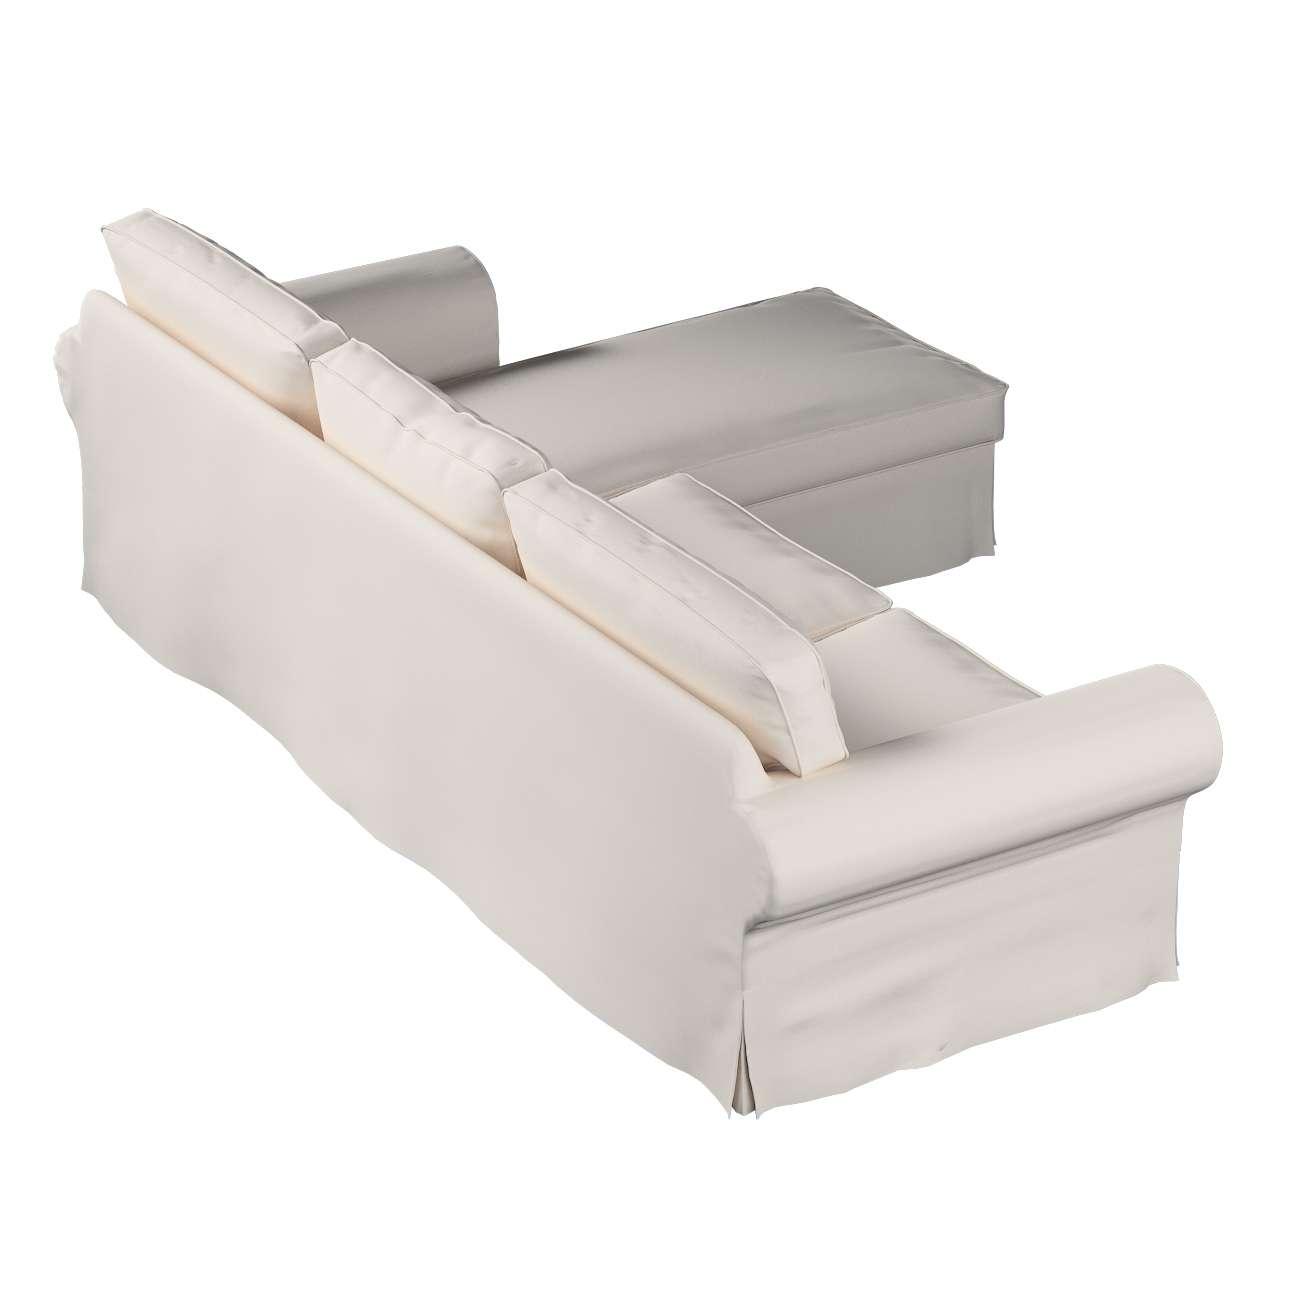 Ektorp dvivietės sofos su gulimuoju krėslu užvalkalas Ikea Ektorp dvivietės sofos su gulimuoju krėslu užvalkalas kolekcijoje Etna , audinys: 705-01